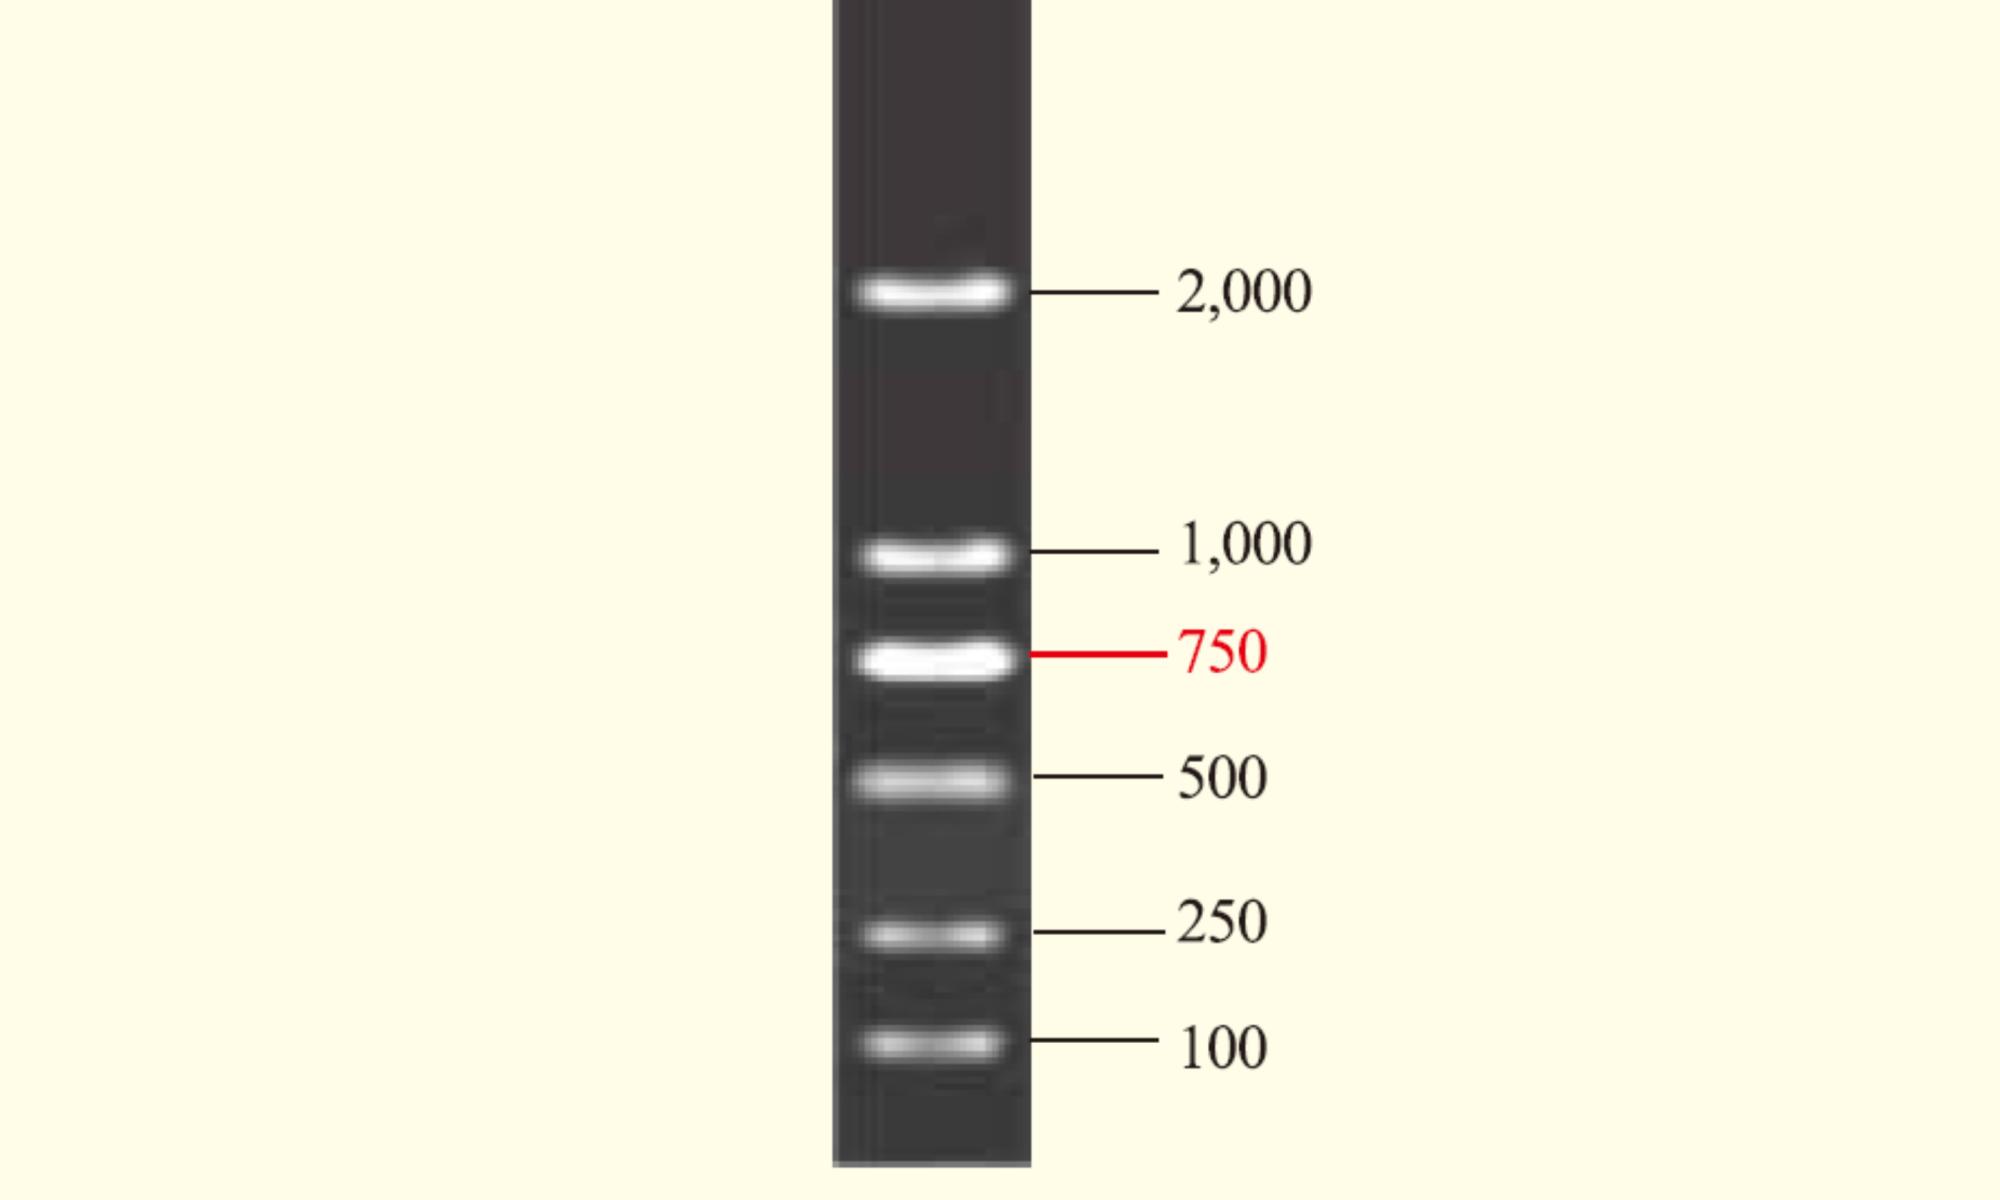 Trans 2k DNA ladder